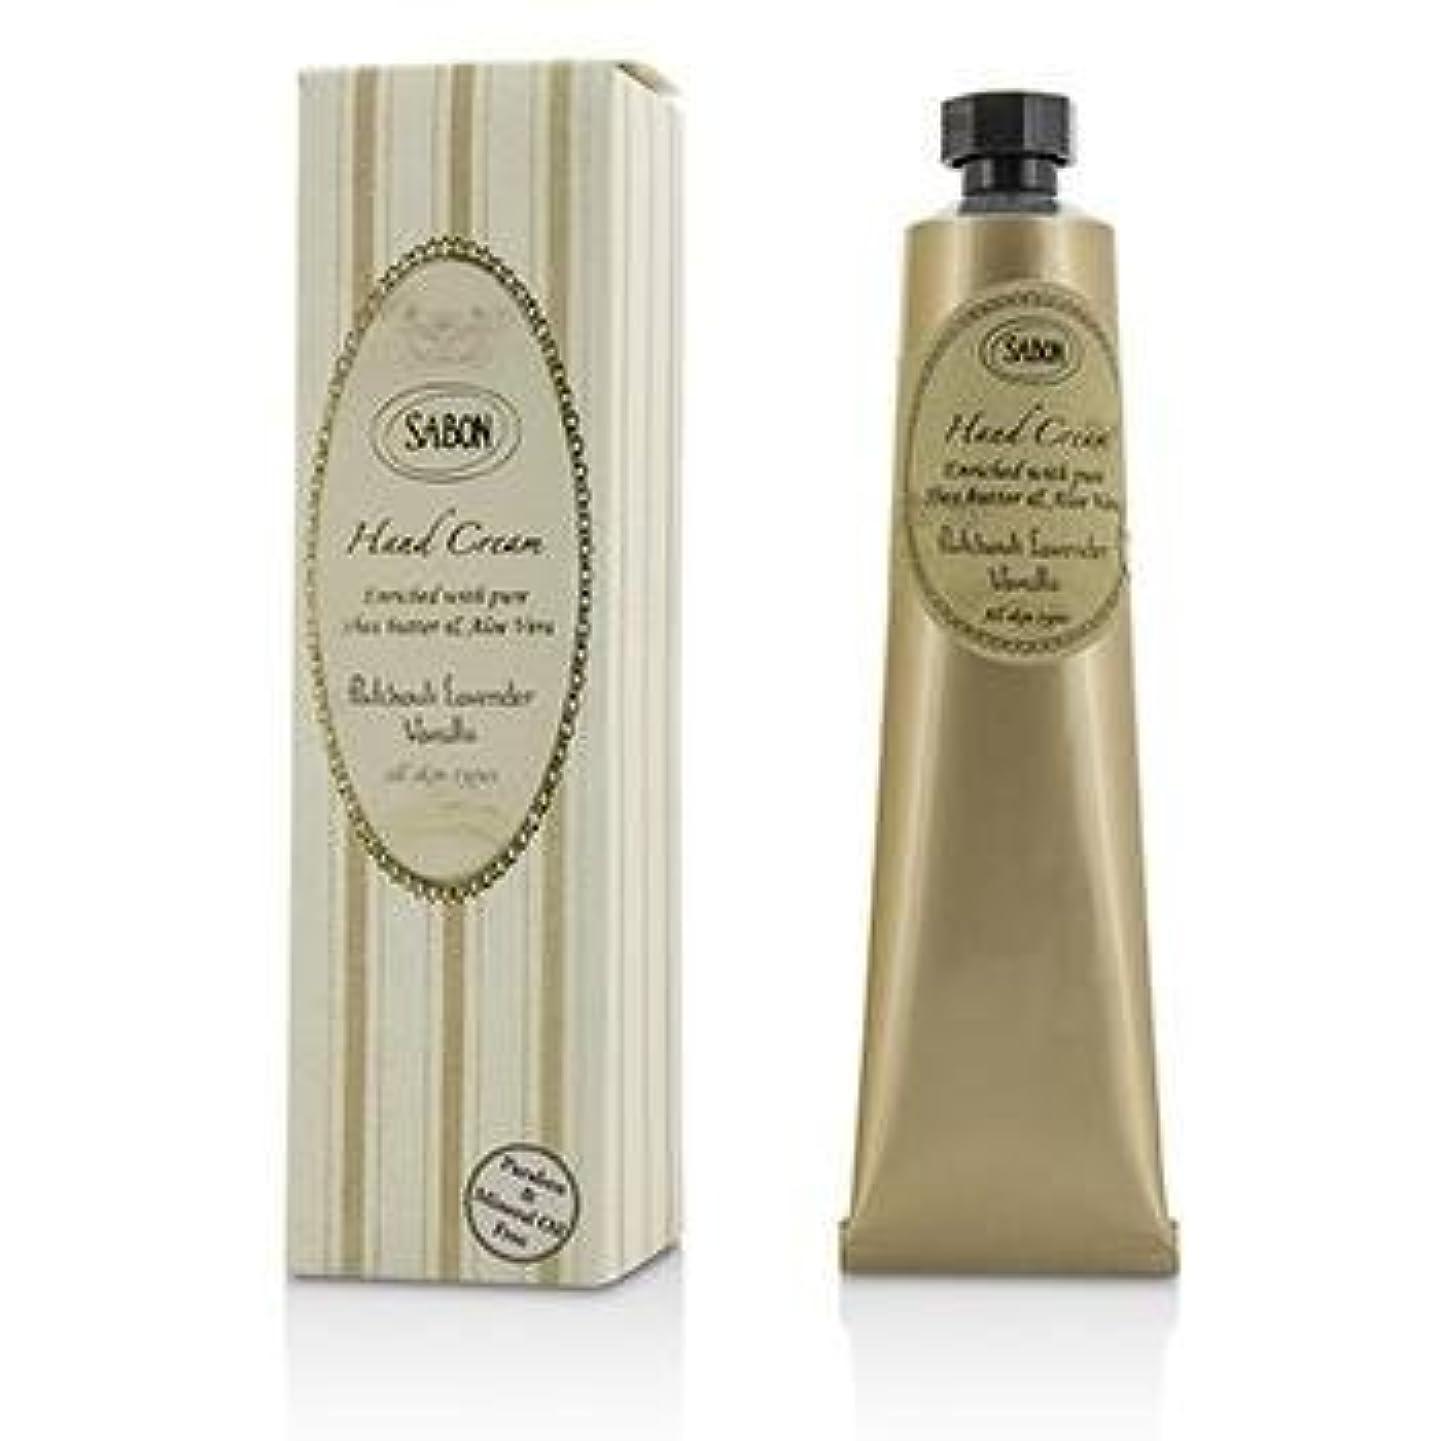 苦味抗生物質平等サボン Hand Cream - Patchouli Lavender Vanilla (Tube) 50ml/1.66oz並行輸入品